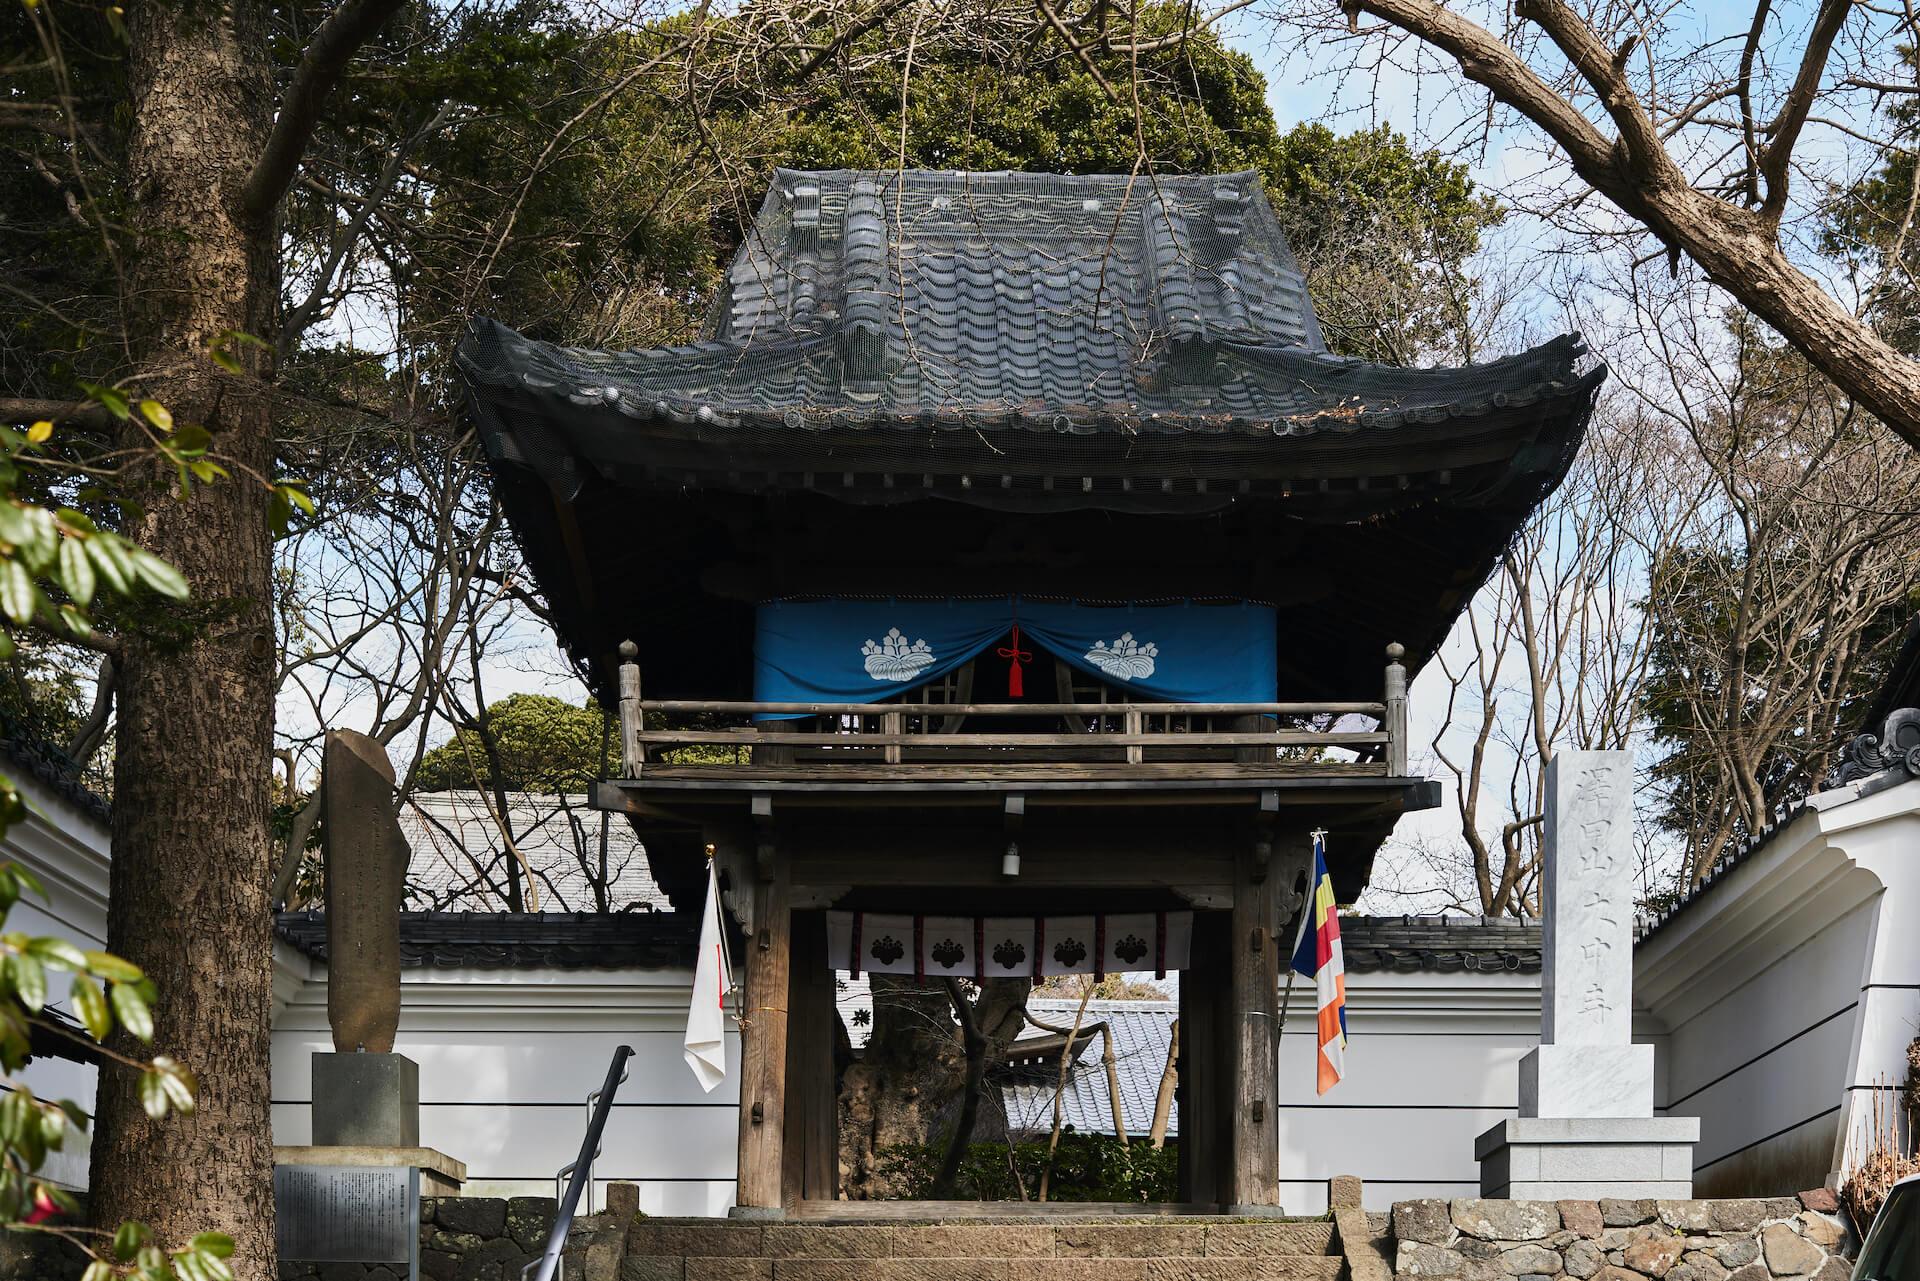 バーチャルを駆使した仮想大中寺で禅の世界を体感<MUSO Culture Festival 2021>レポート column210318_muso-01